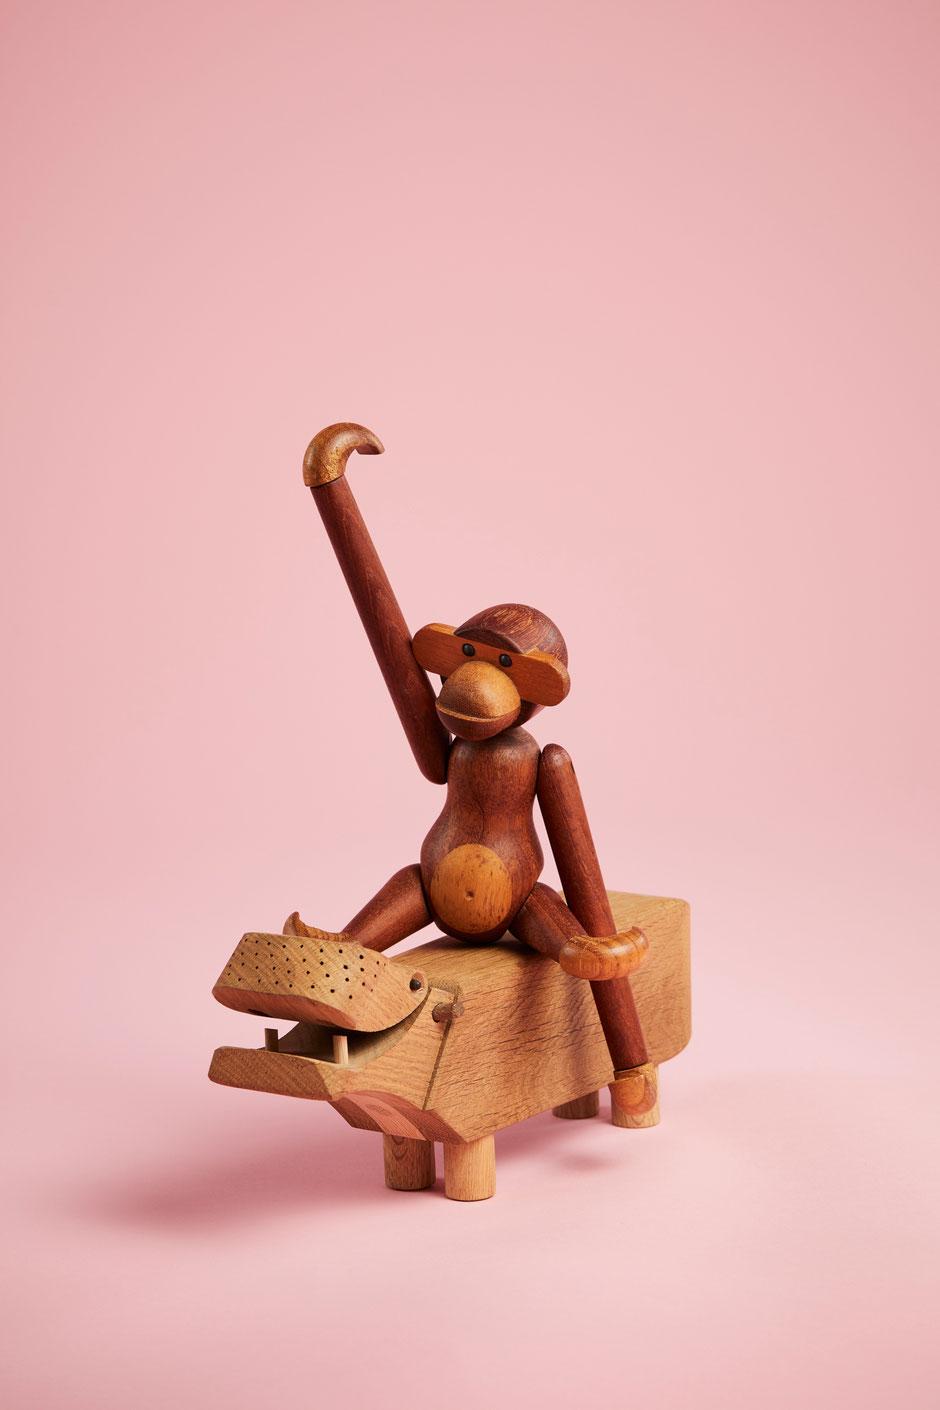 Weltberühmt: der Holzaffe von Kay Bojesen - hier auf dem Nilpferd des dänischen Designers. Foto: PR/Kay Bojesen